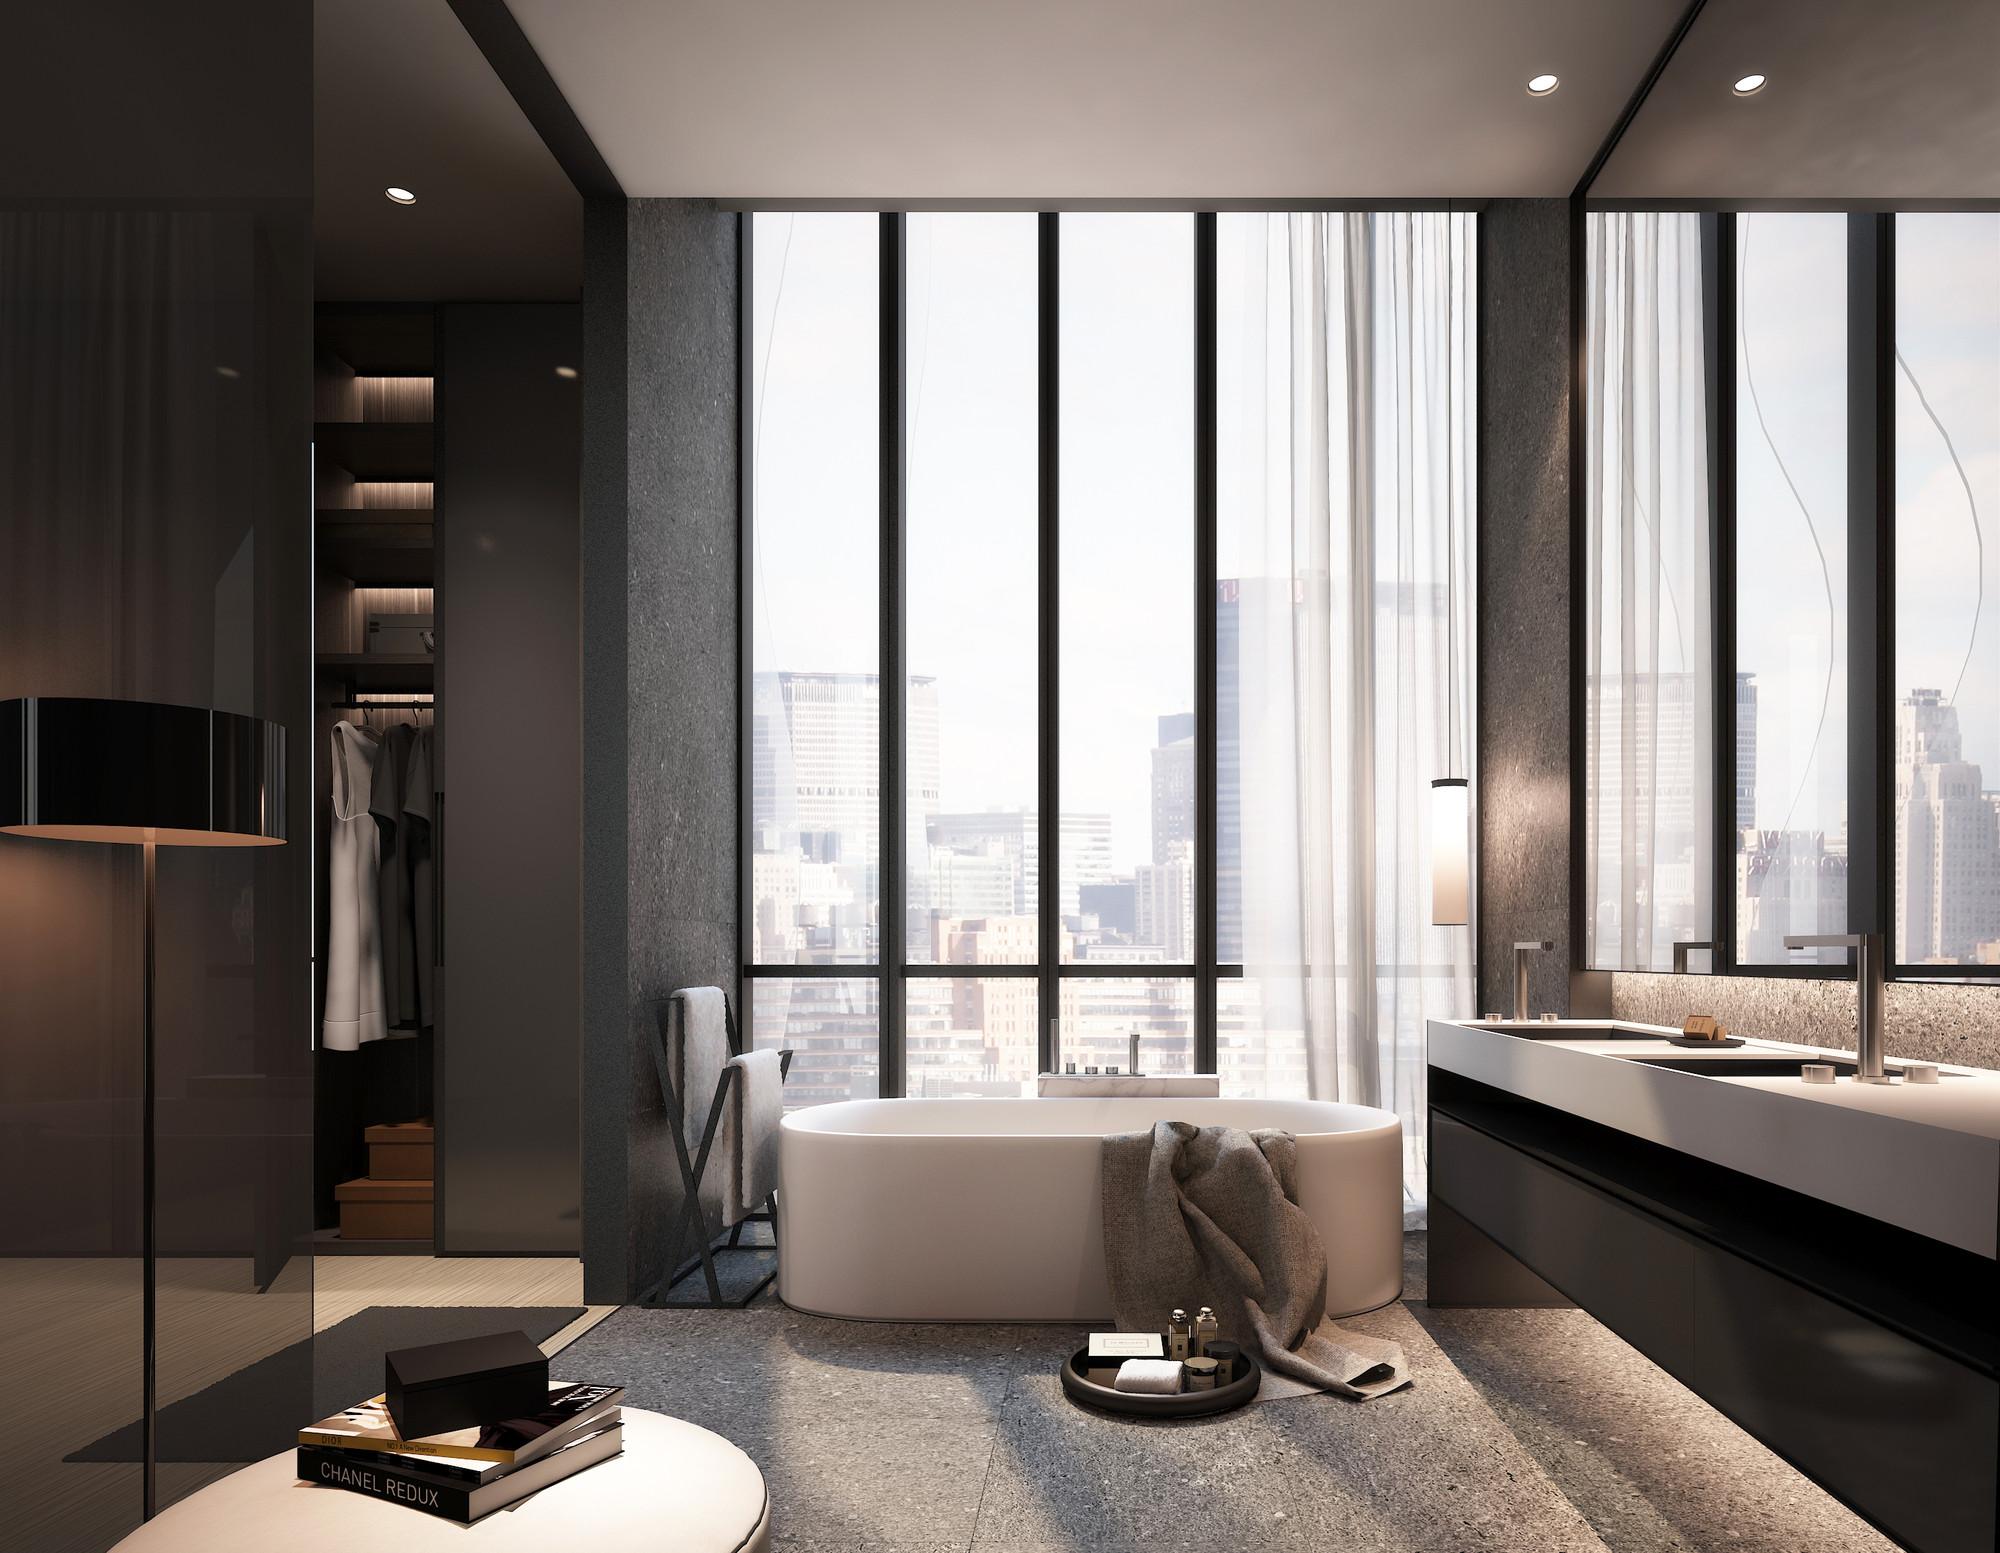 Baño. Imagen cortesía de SCDA Architects